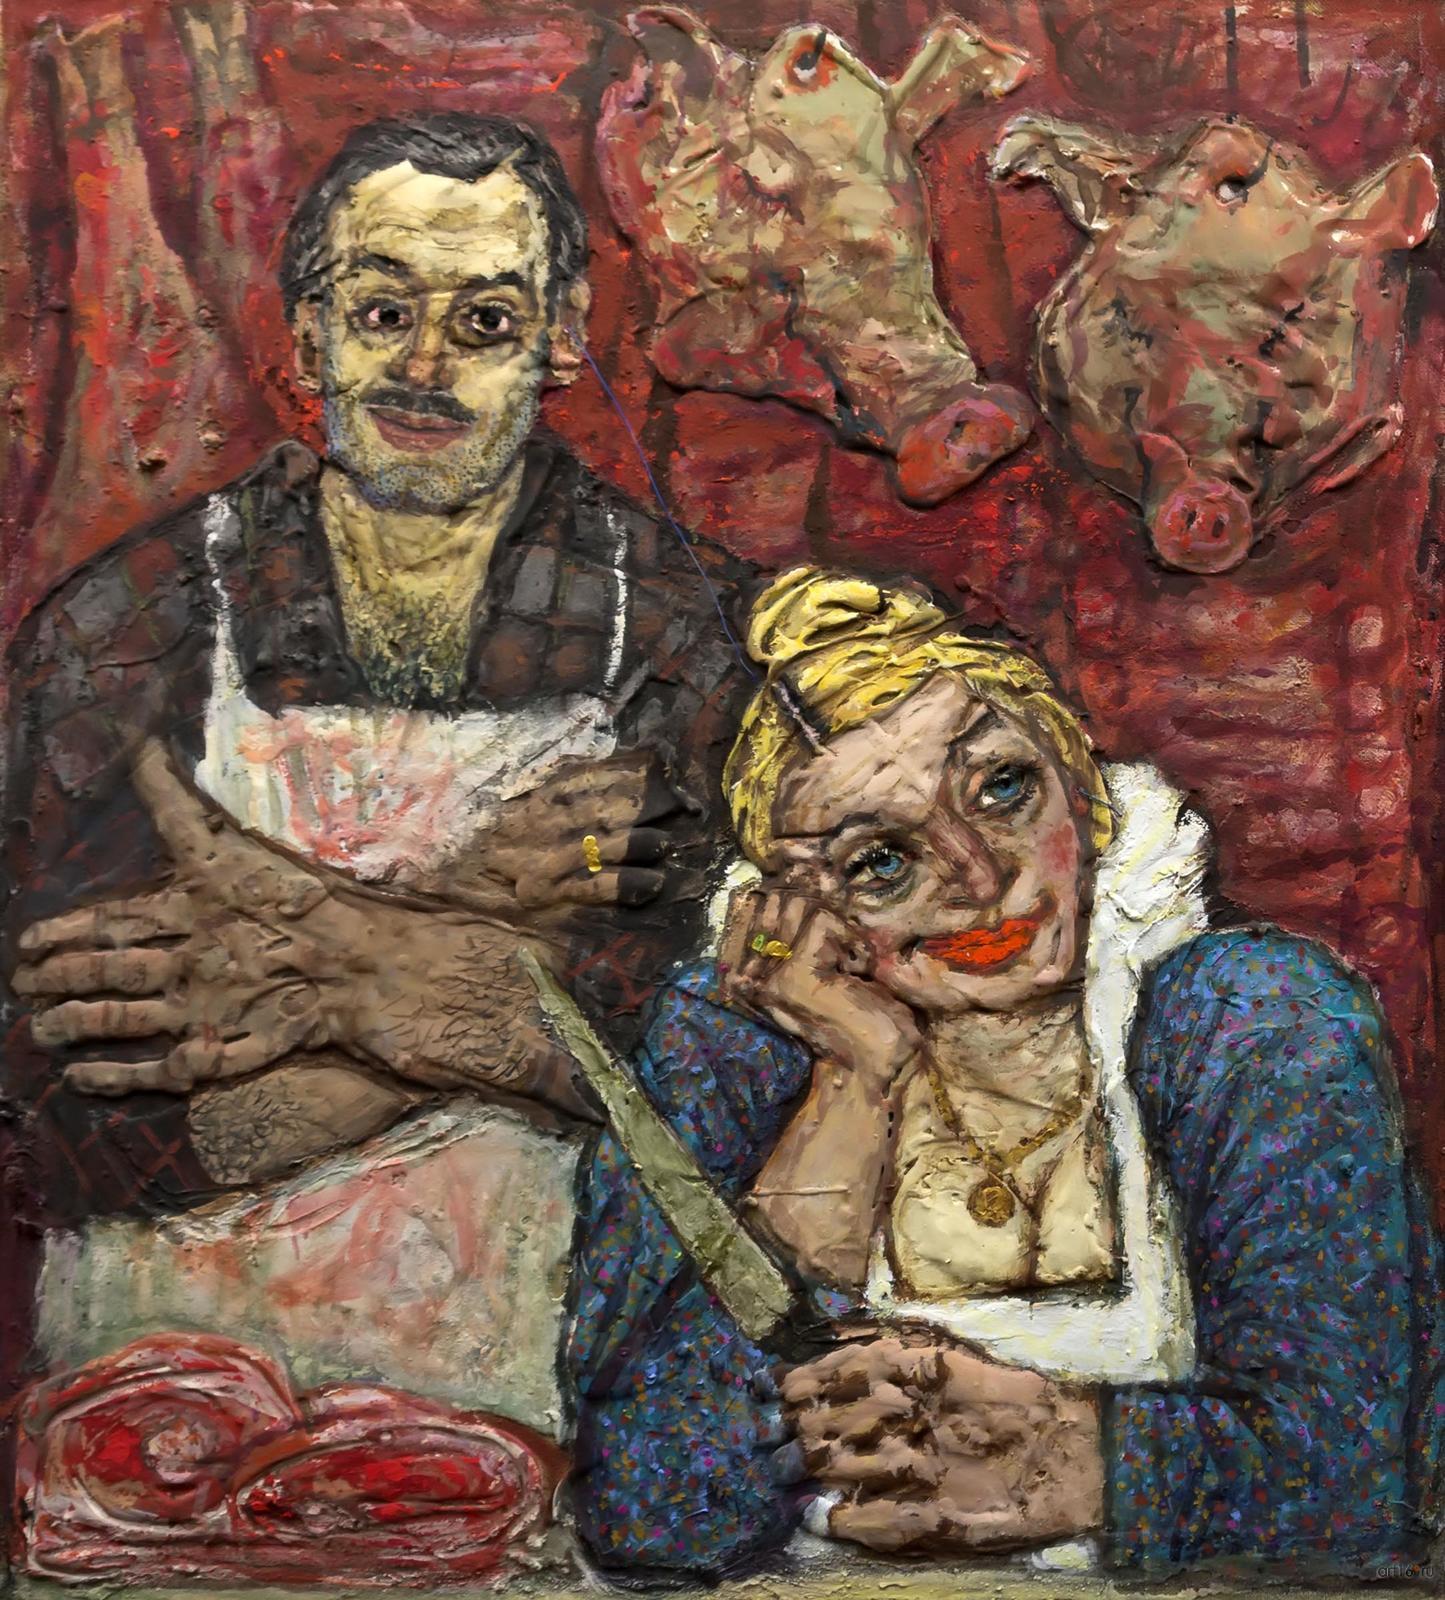 Фото №860867. Владимирский рынок (''Под музыку Вивальди'') 2004. Штерн Алексей Георгиевич. 1942